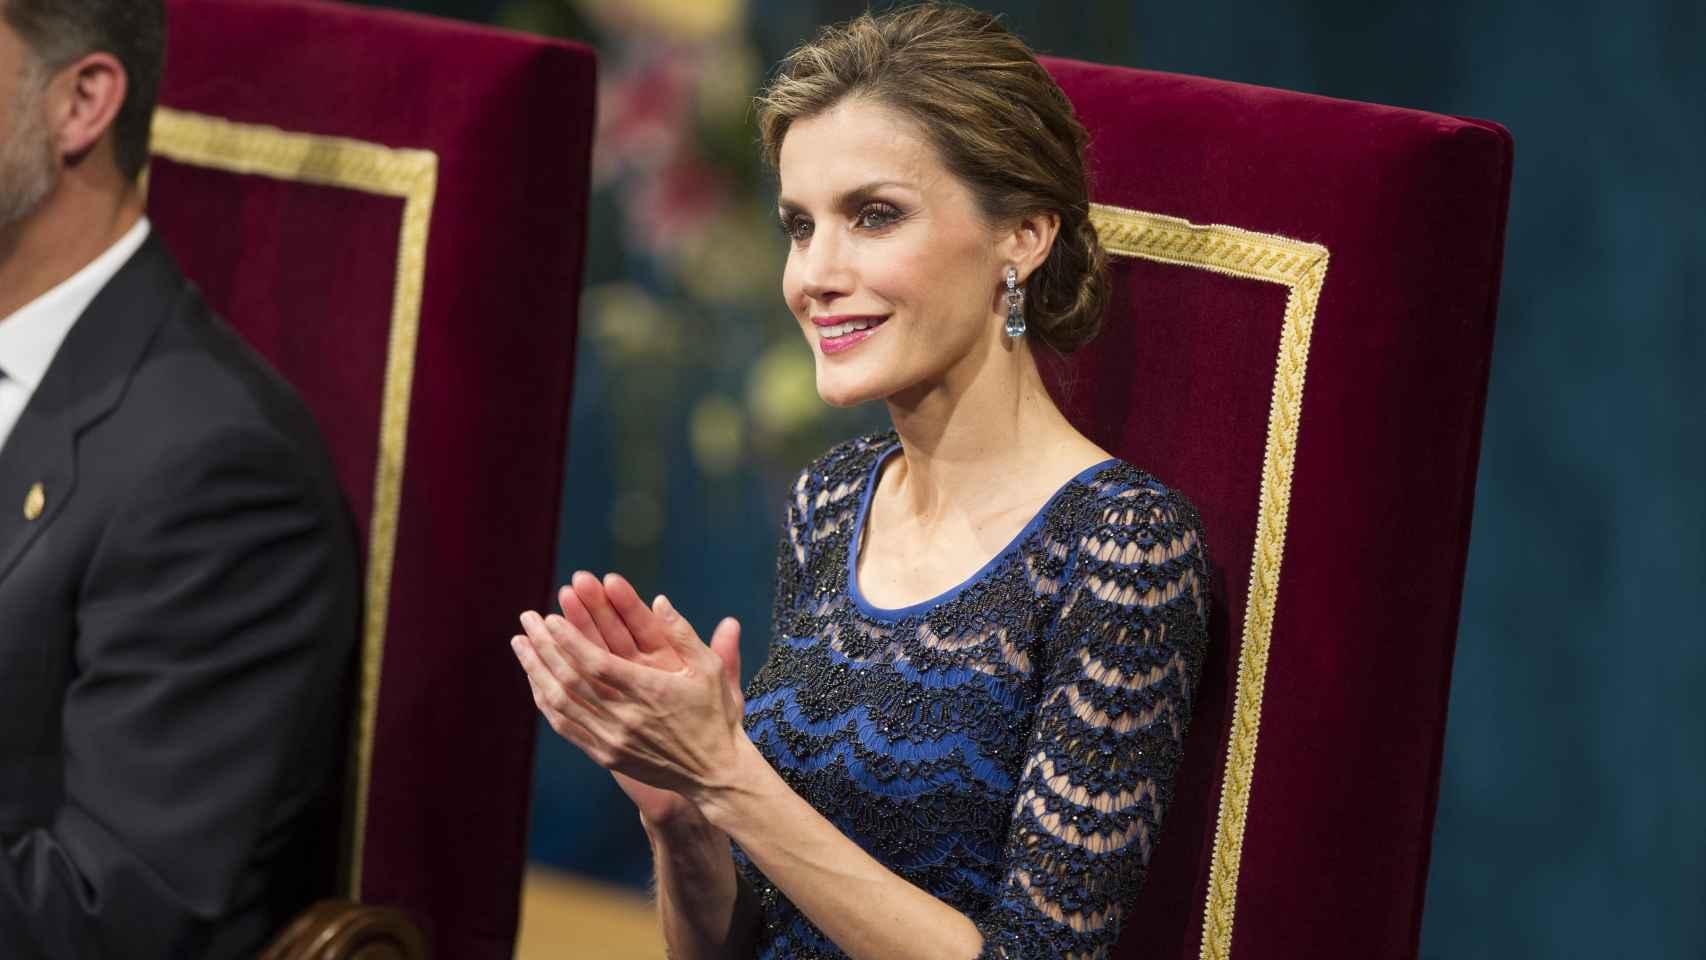 La evolución del estilo de la reina Letizia en los premios Princesa de Asturias